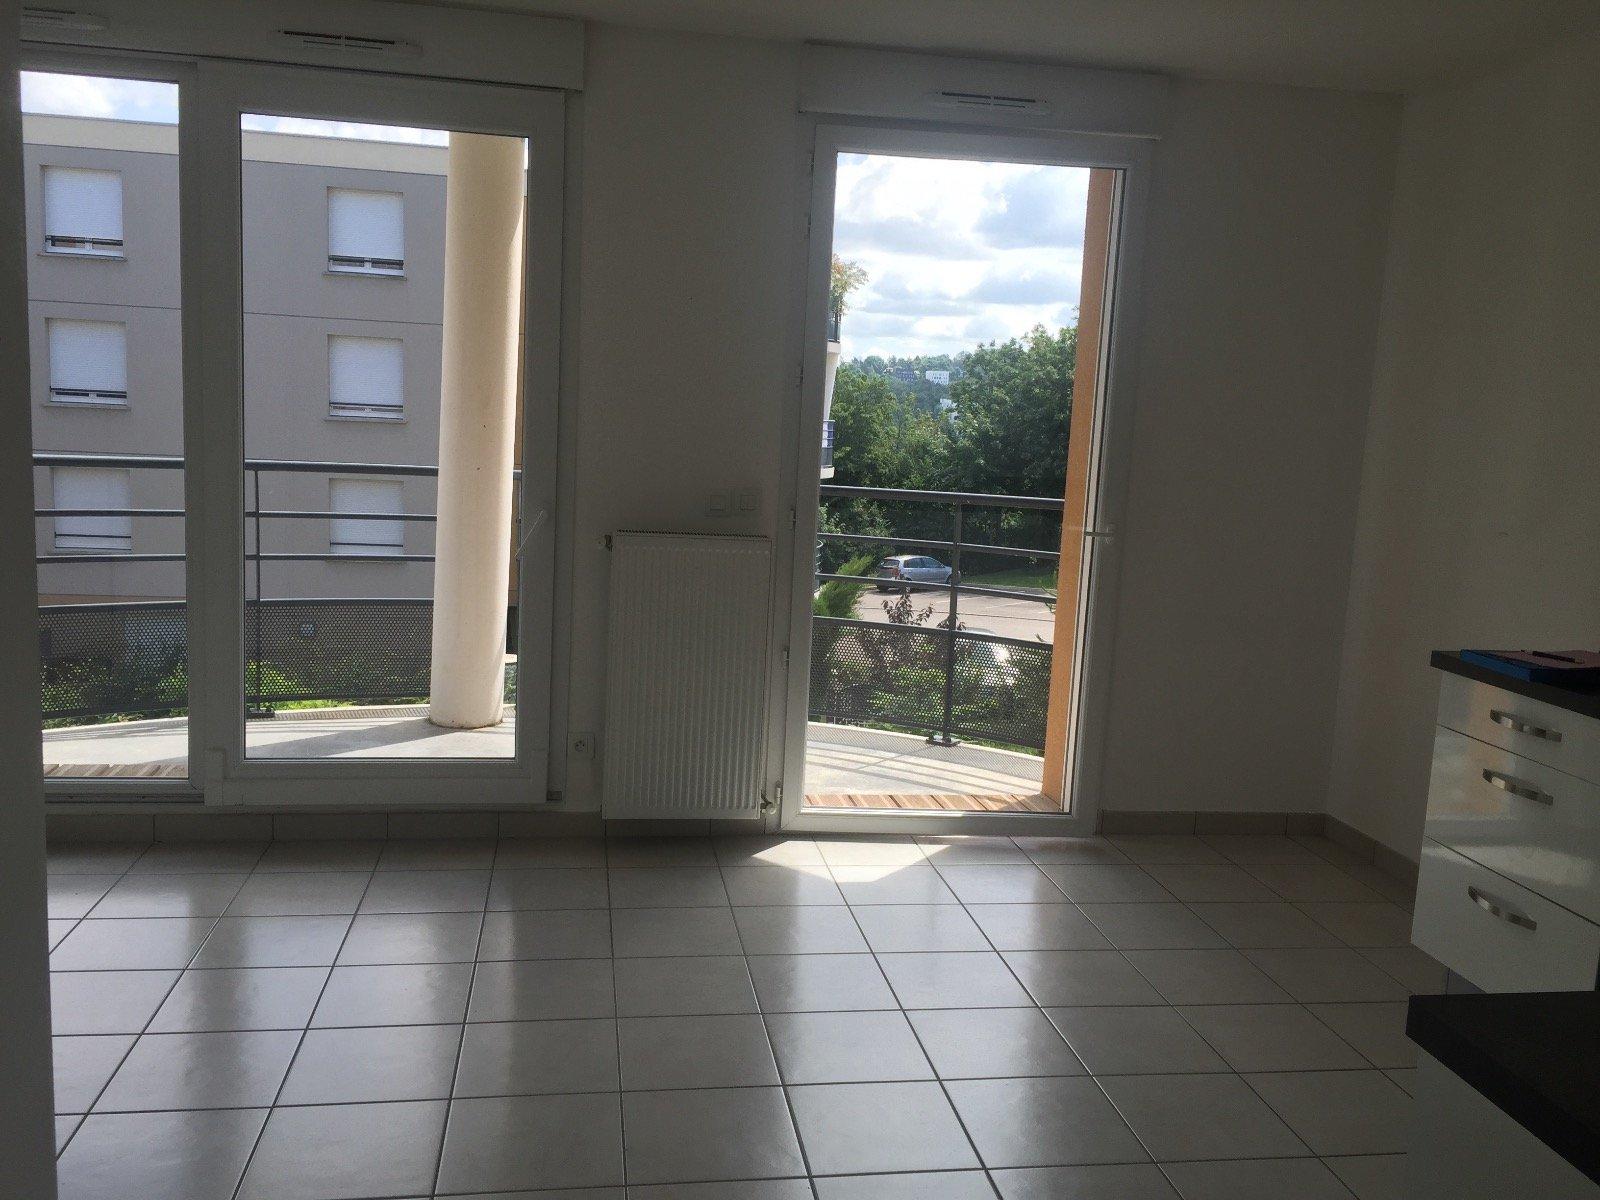 SAINT-PRIEST-EN-JAREZ - Appartement T2 dans  un immeuble de standing